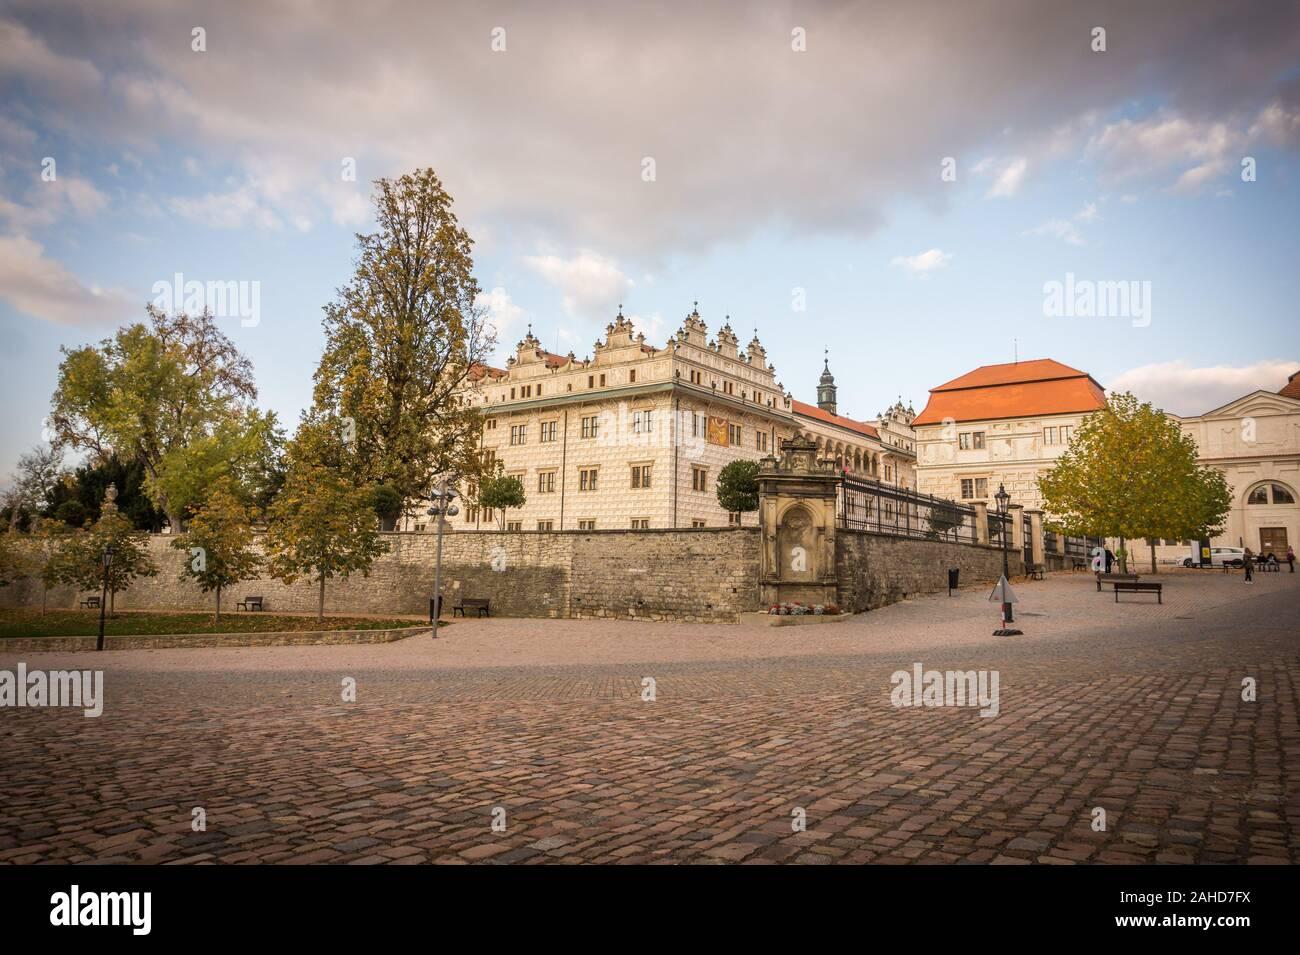 Avis de Litomysl château, l'un des plus grands châteaux de la Renaissance dans la République tchèque. UNESCO World Heritage Site. Wethe ensoleillé avec peu de nuages dans le Banque D'Images